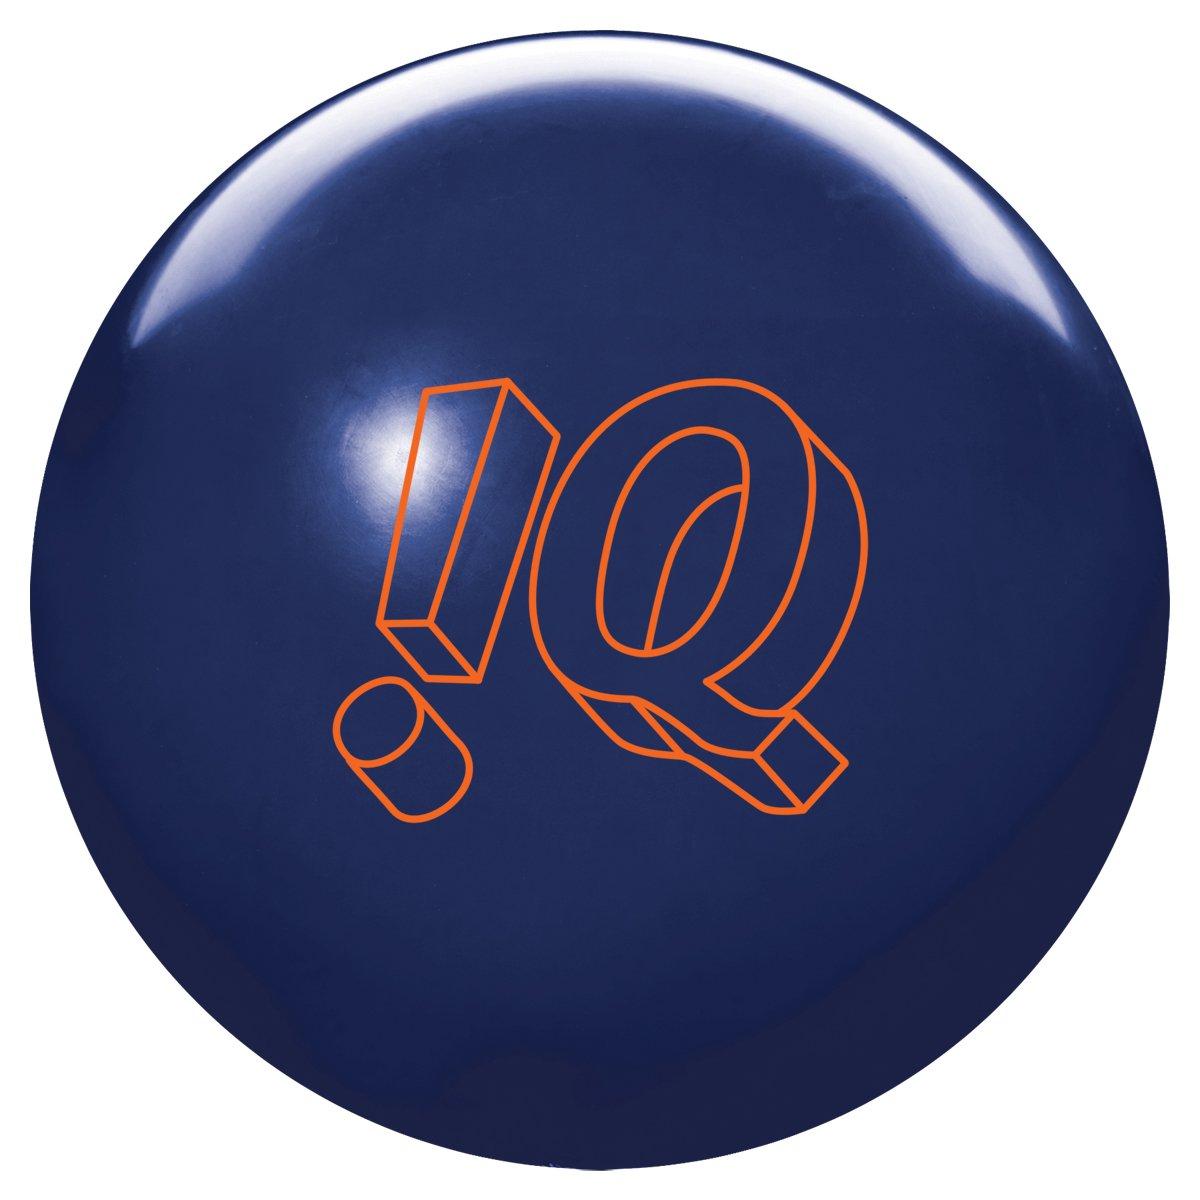 驚きの値段で 嵐IQ Tour Editionボーリングボール、12-pound B00AZHFGT8 嵐IQ B00AZHFGT8, Felicita:fd2a869b --- eastcoastaudiovisual.com